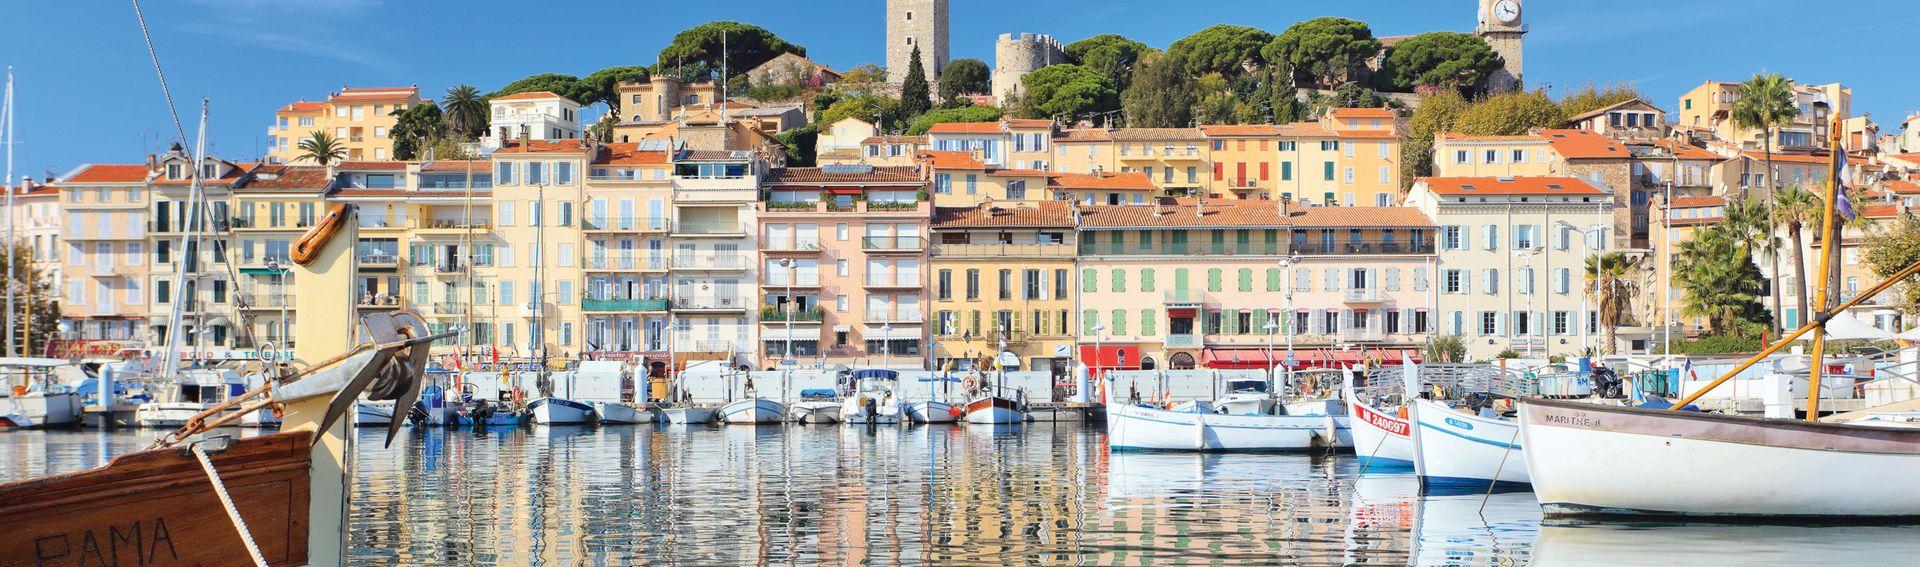 Cannes & Umgebung (Côte d'Azur - Südfrankreich)